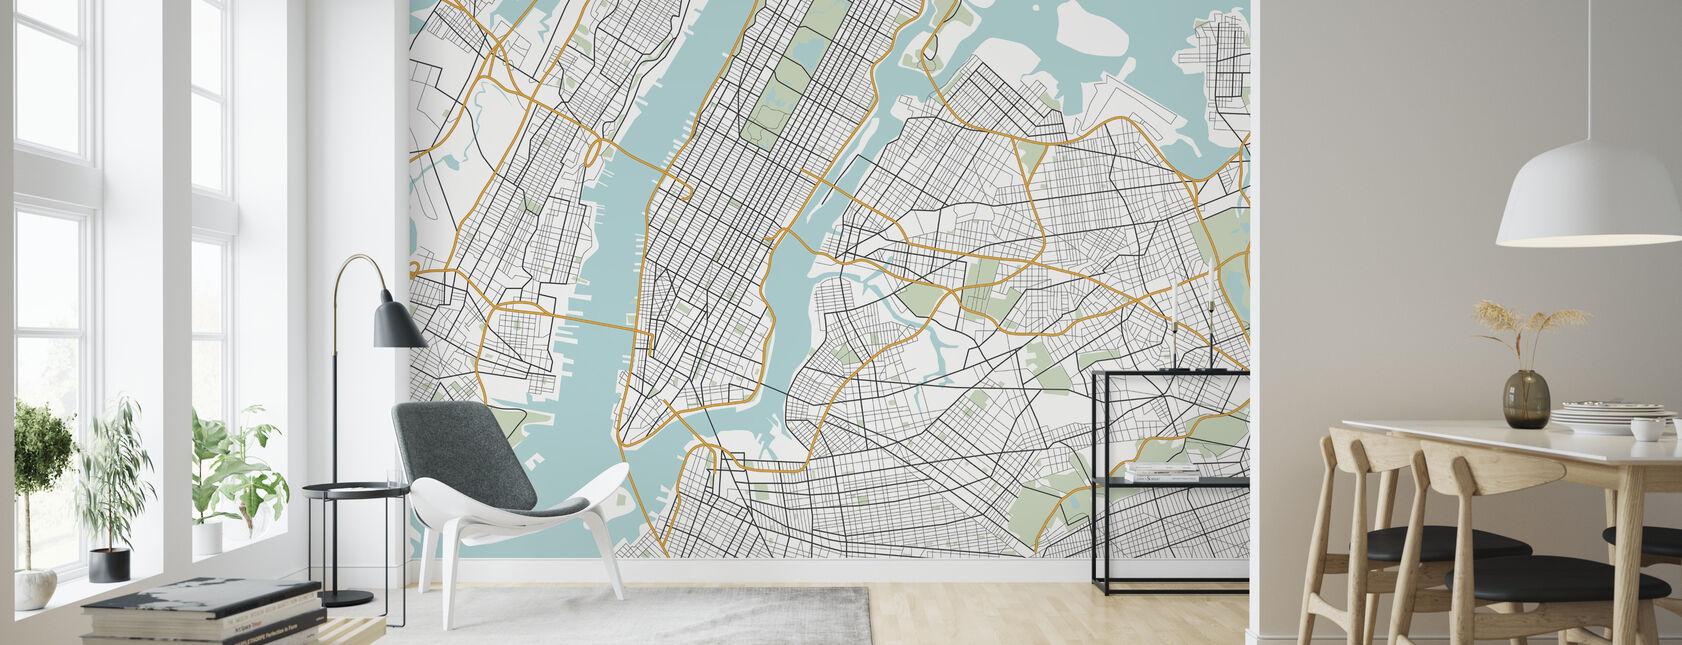 New York Map - Wallpaper - Living Room